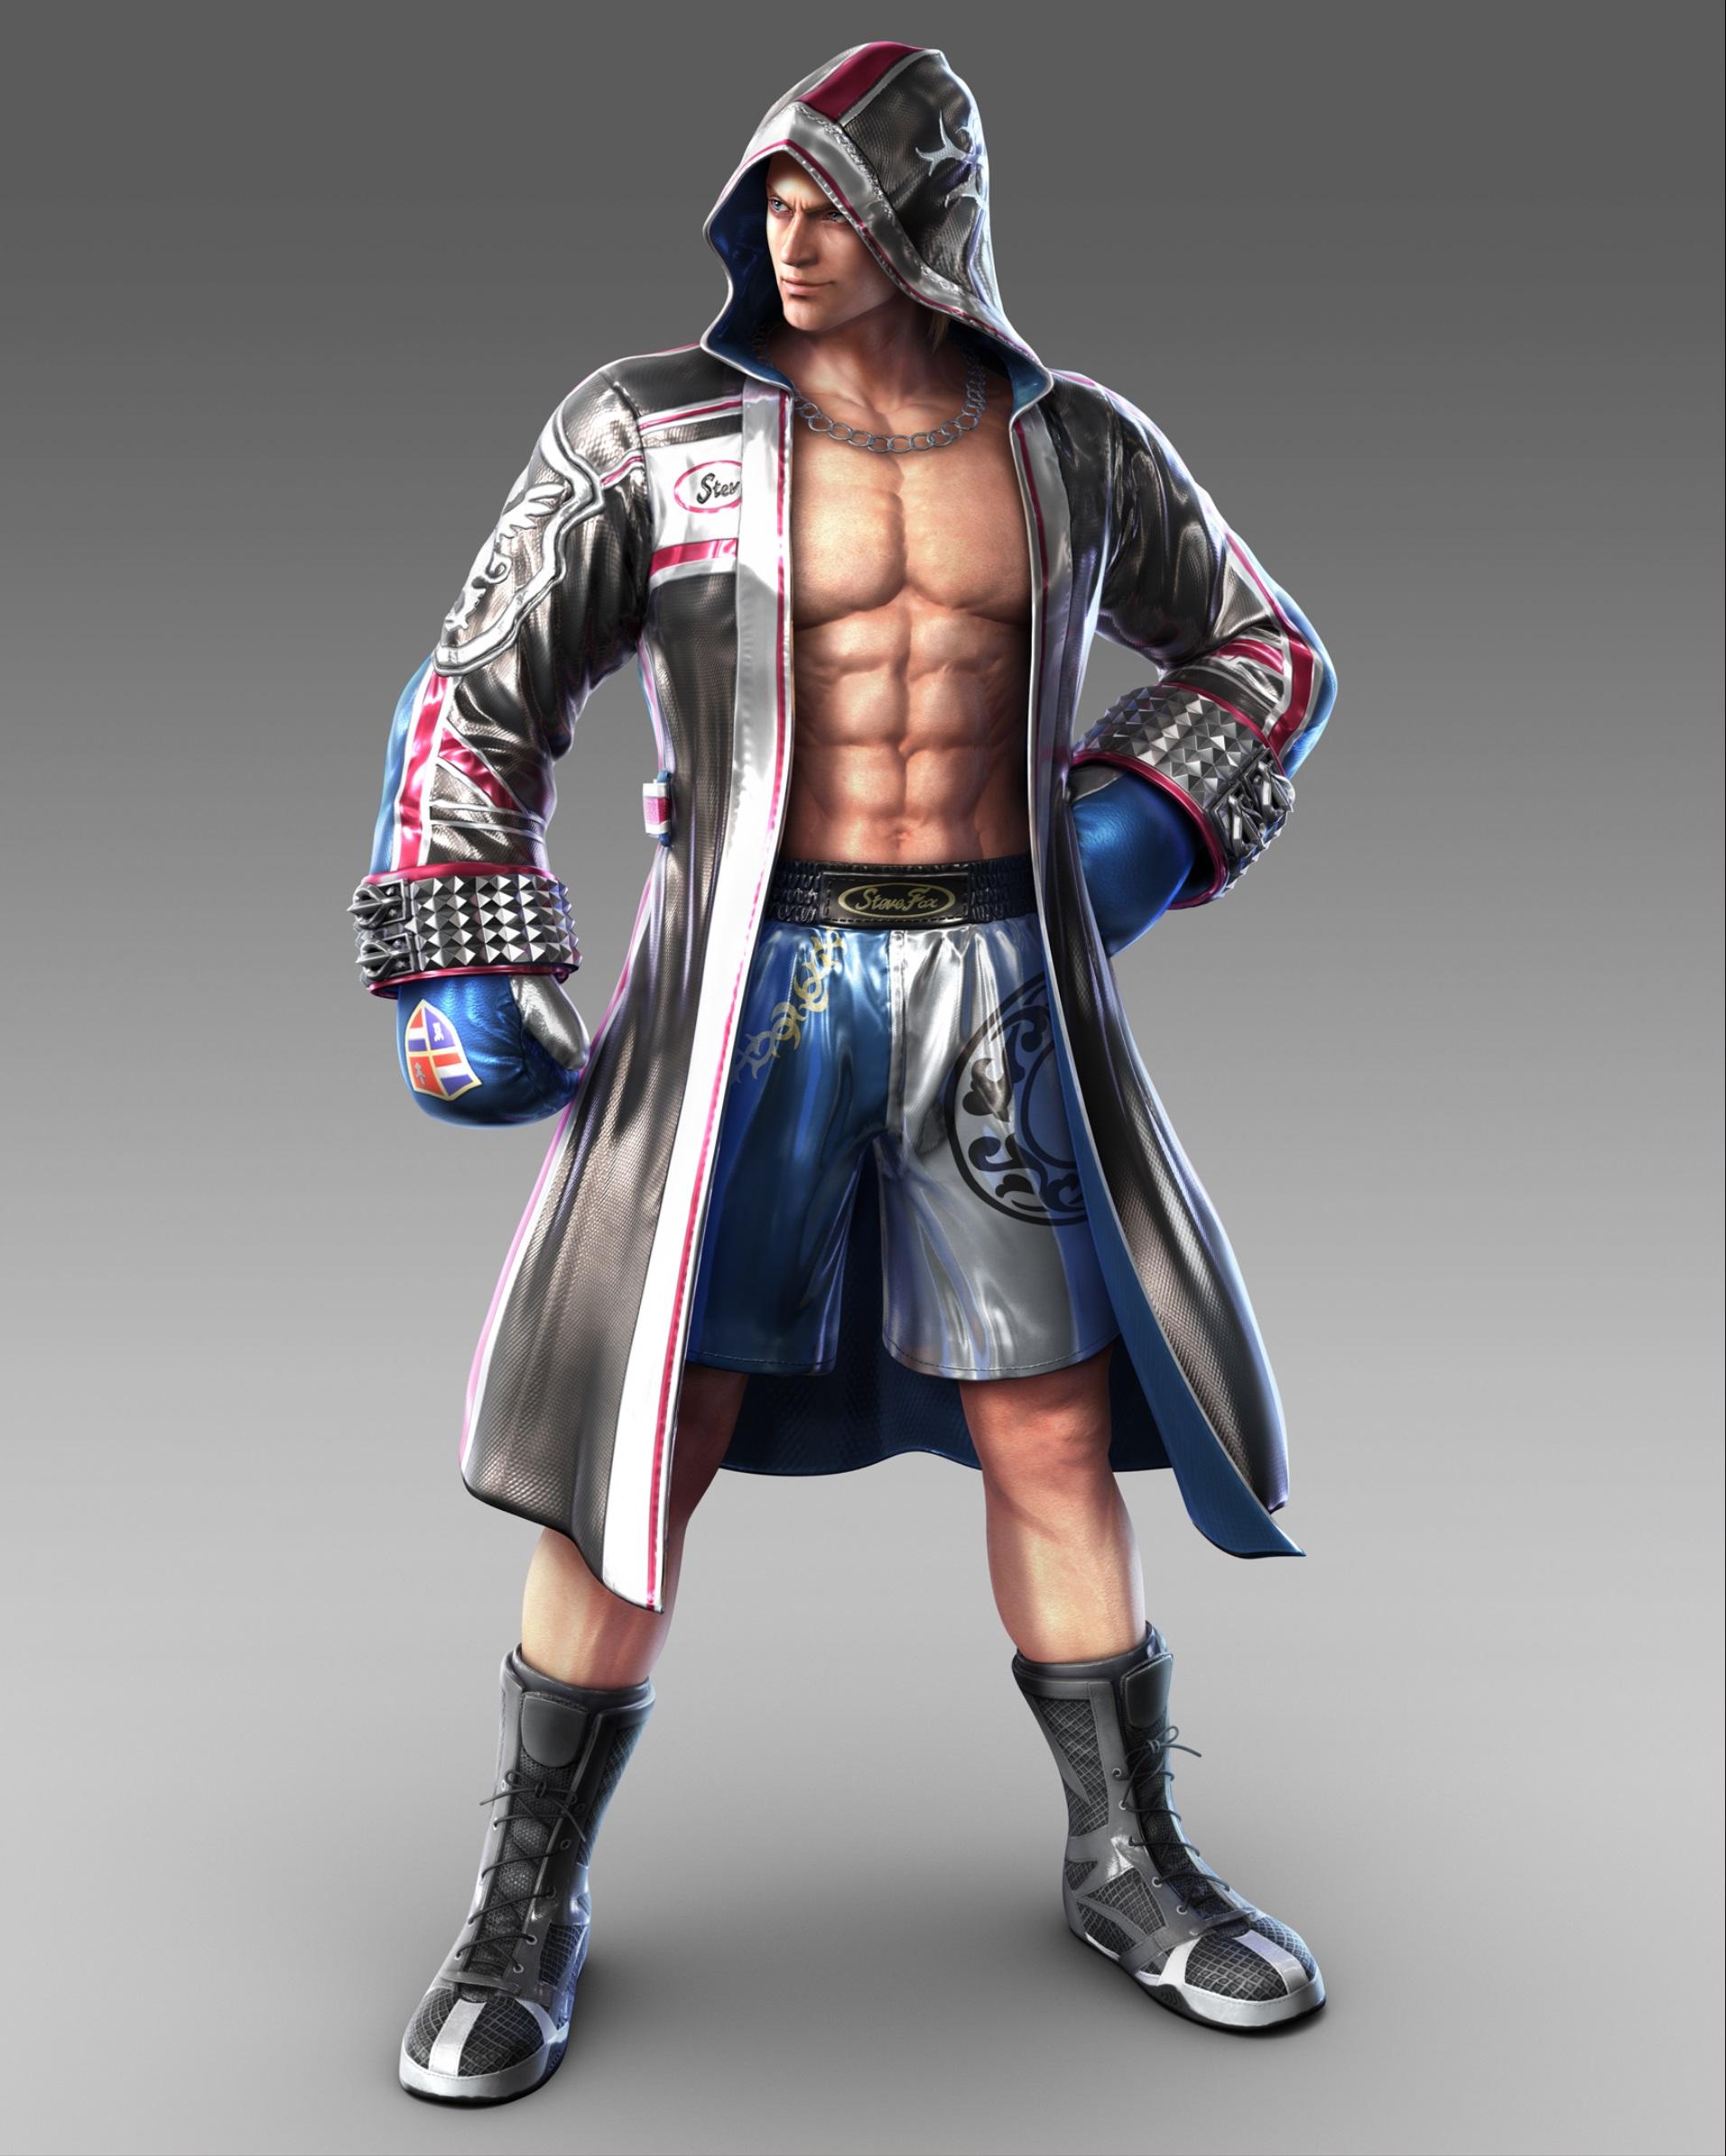 Steve Fox Tekken Wiki Fandom